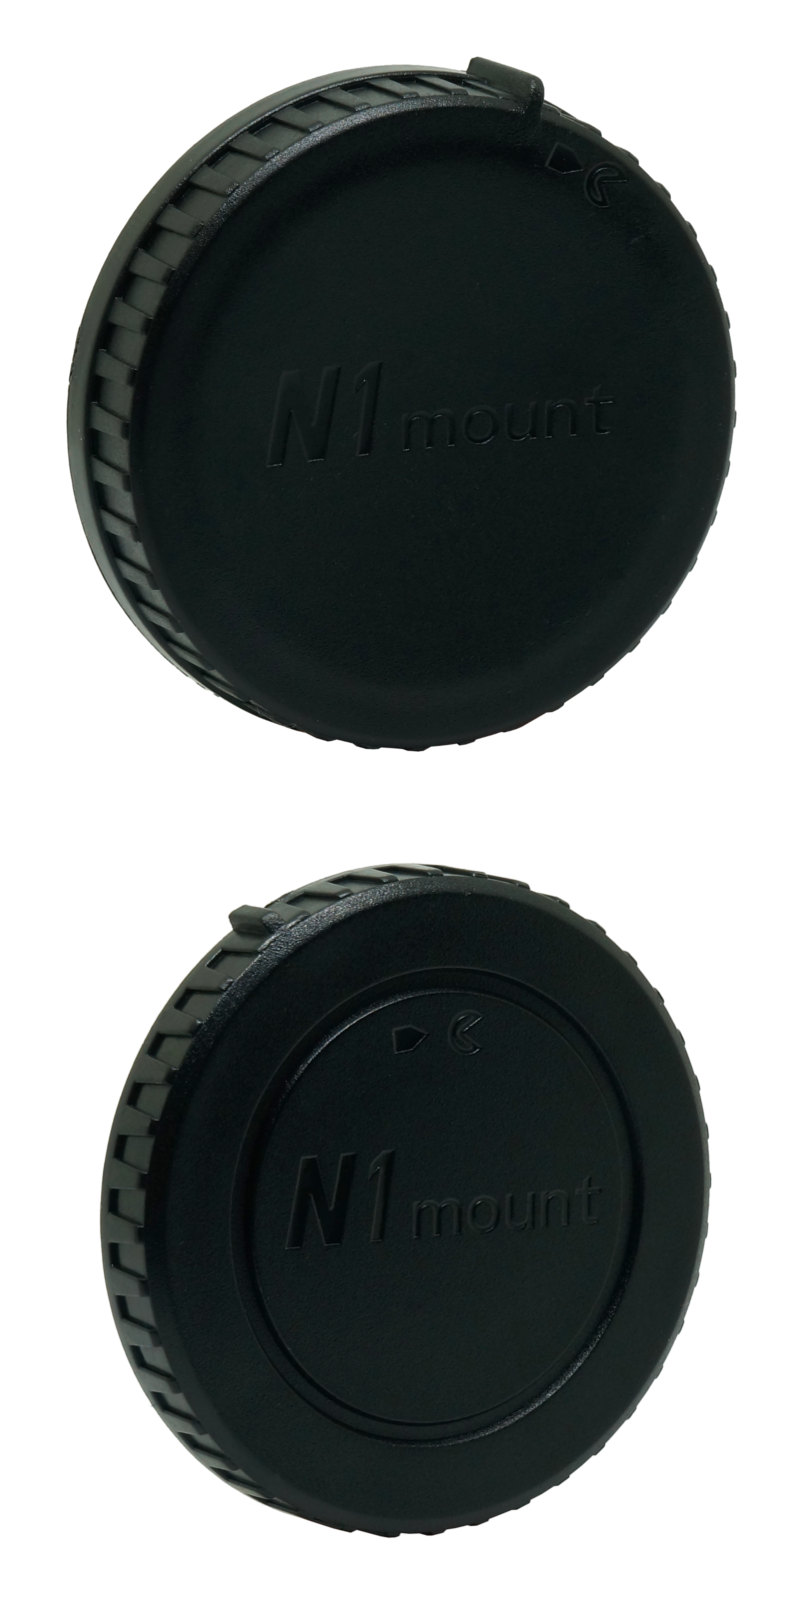 Nikon 1 Rear Lens Cap ฝาปิดท้ายเลนส์ + Body Cap ฝาปิดบอดี้